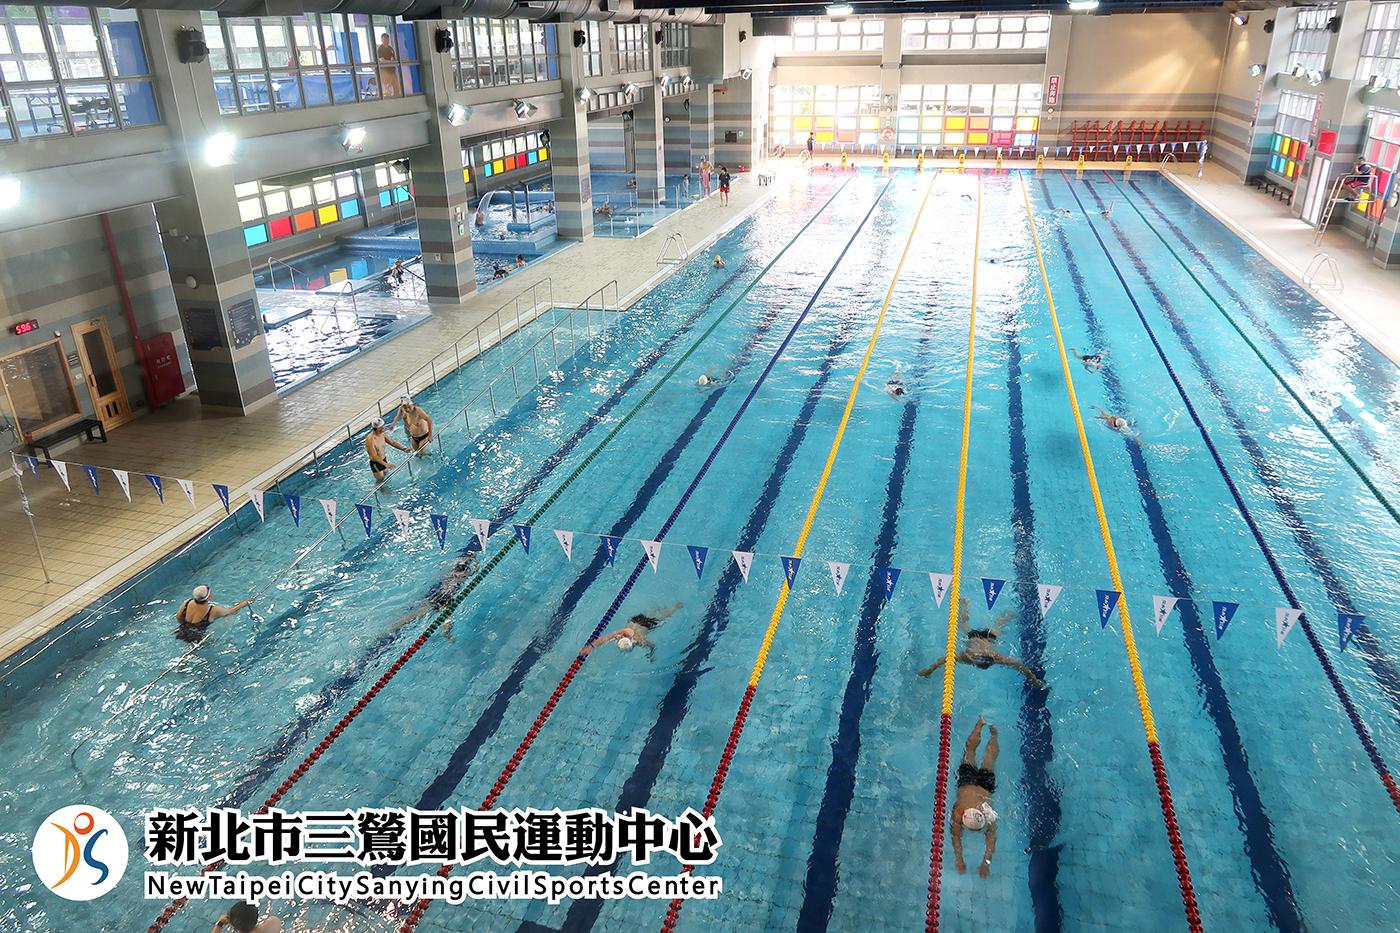 8道50M標準泳道(jpg)